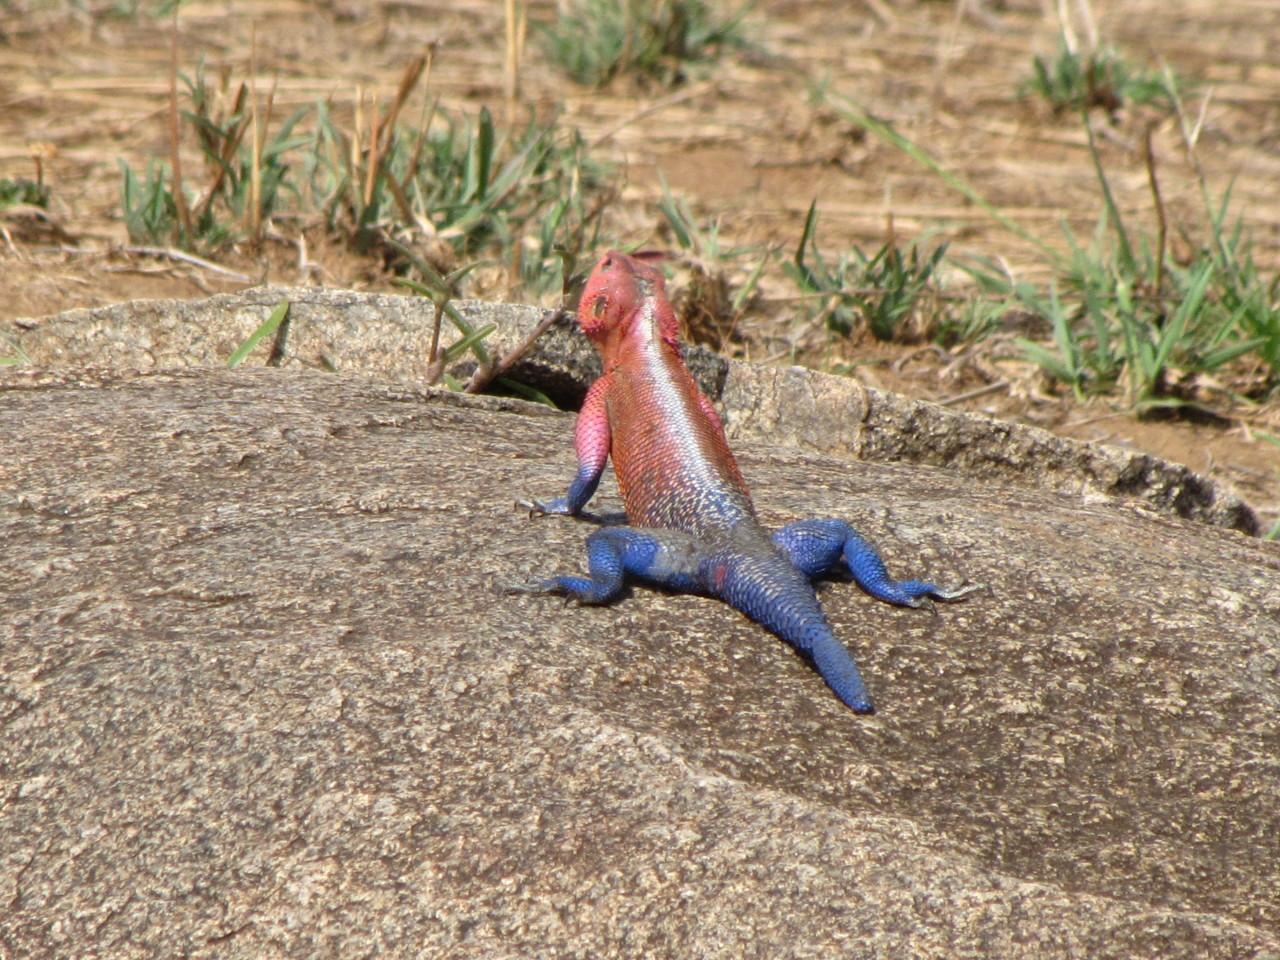 African Lizard